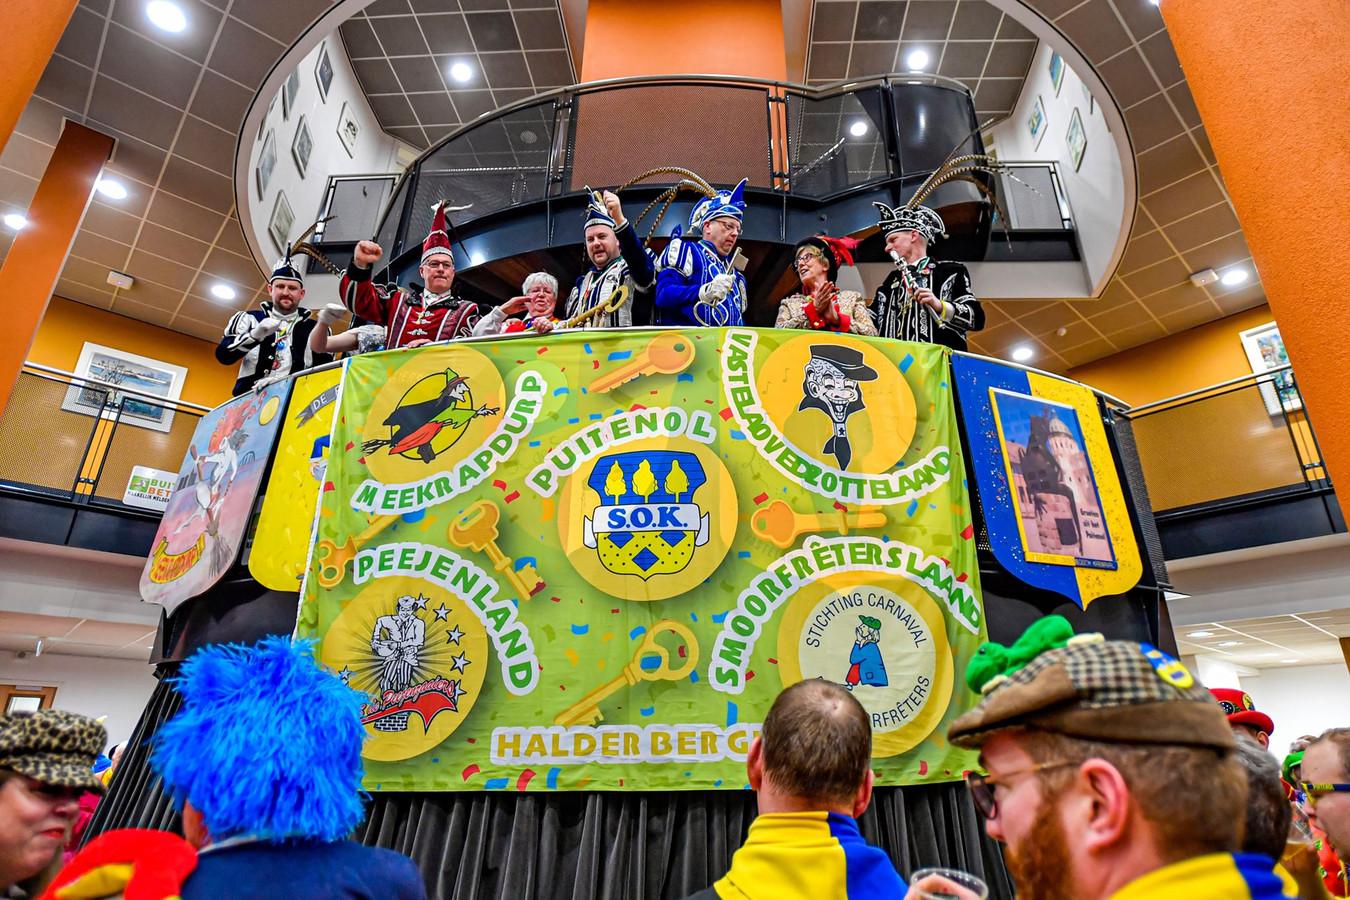 Vrijdagavond bij de sleuteloverdracht werd ook de nieuwe vlag met de logo's van de vijf carnavalsdorpen onthuld. De vlag hing bij de carnavalsmonumenten in de dorpen. Woensdag brachten de prinsen de sleutels weer terug.